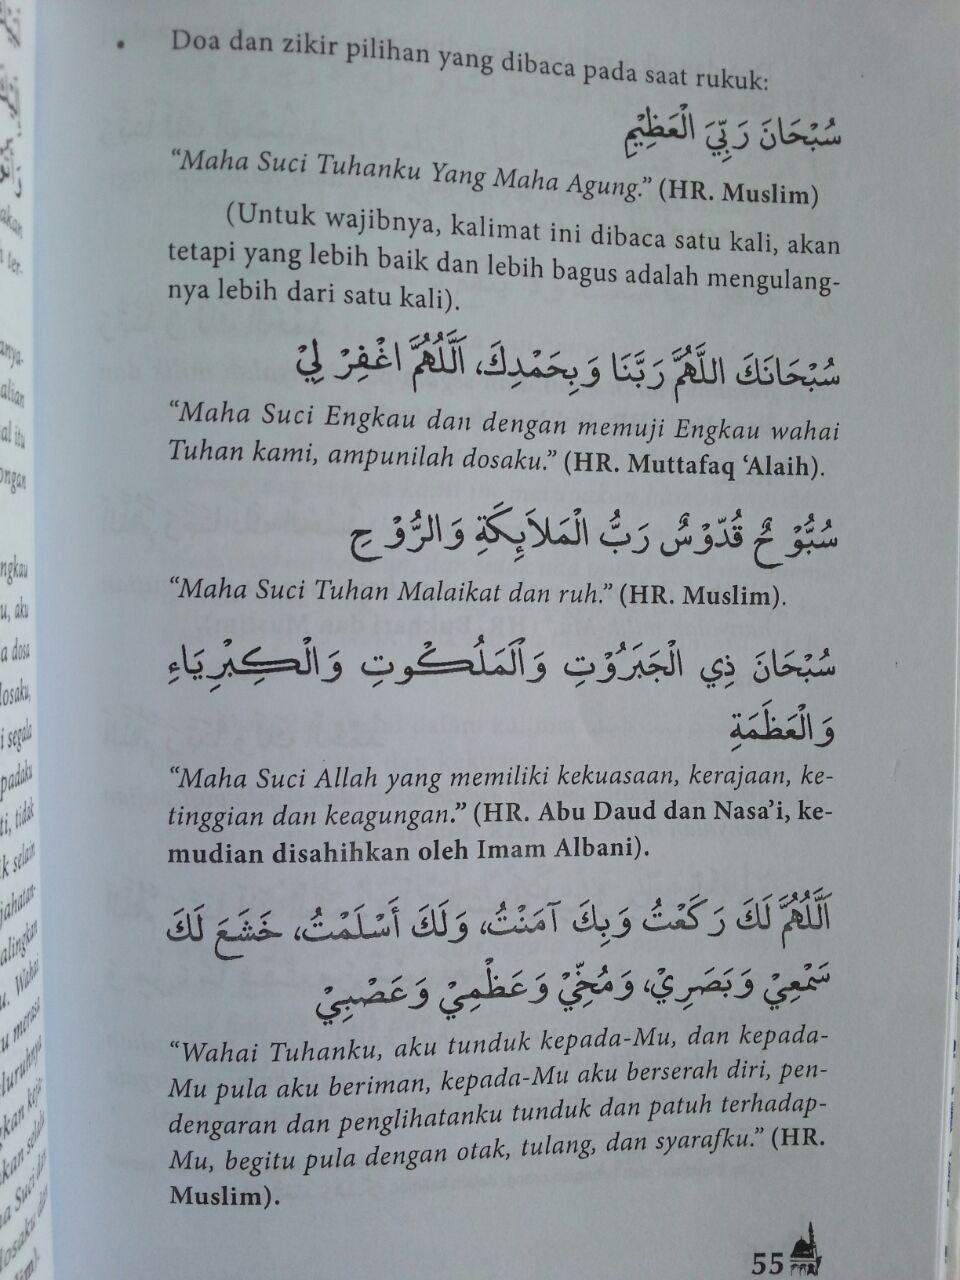 Buku Tata Cara Shalat Praktis Rahasia Sukses Dalam Shalat isi 3